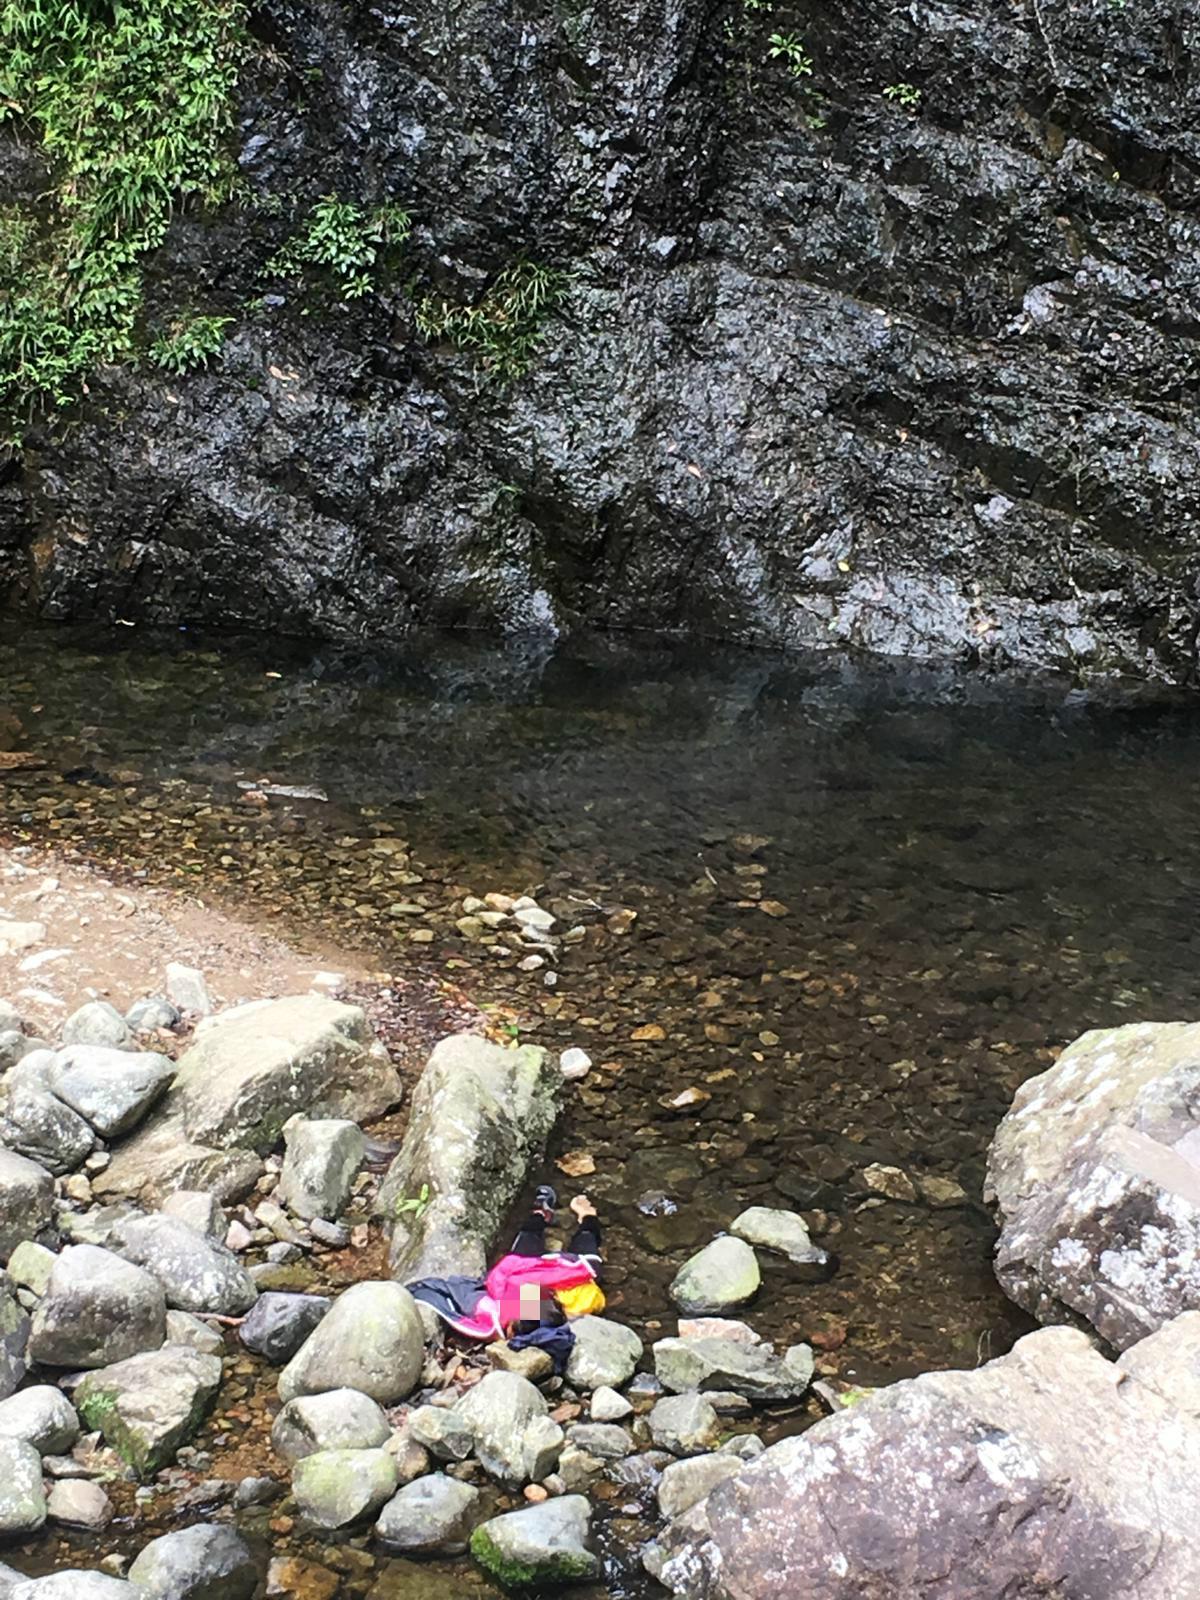 菲藉女子在瀑布懸崖位置影相期間,失足墮下瀑布。行山人士提供